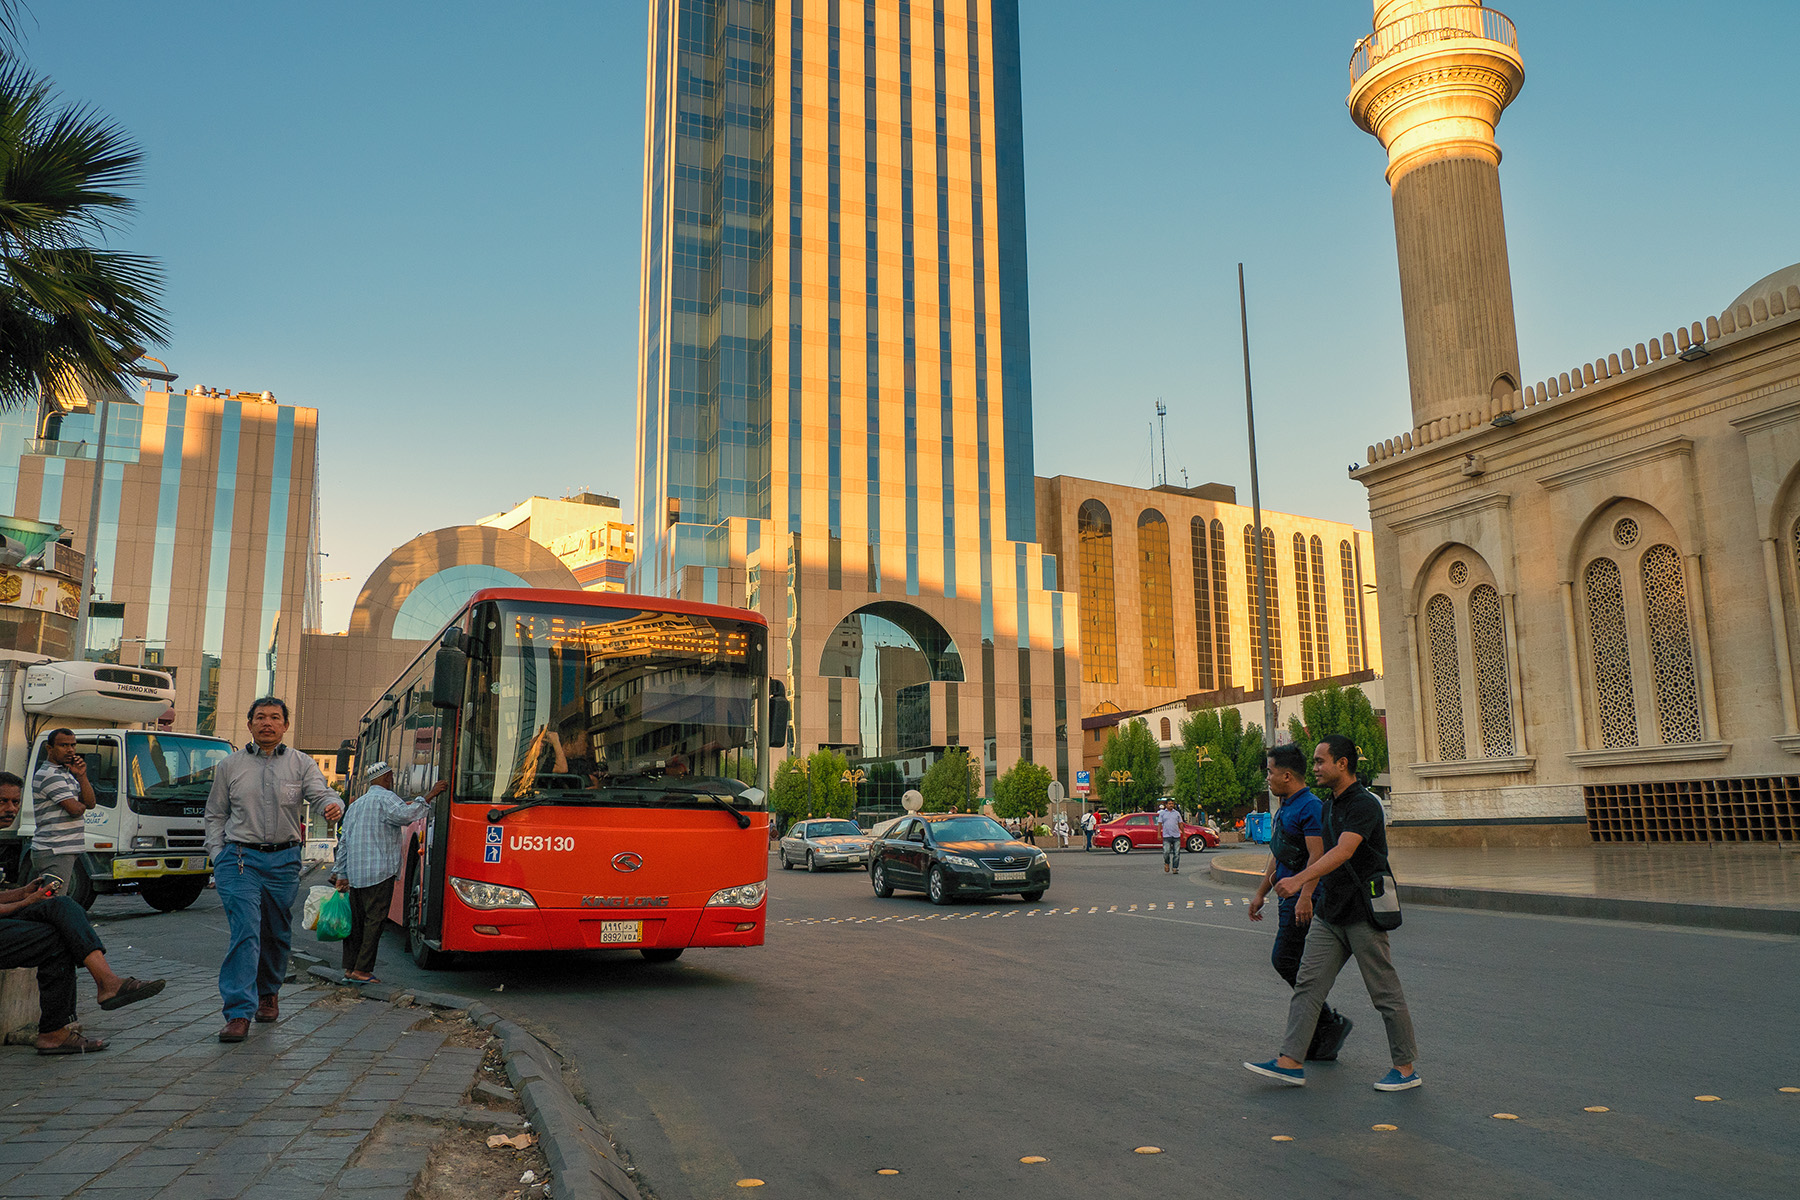 Public bus in Jeddah